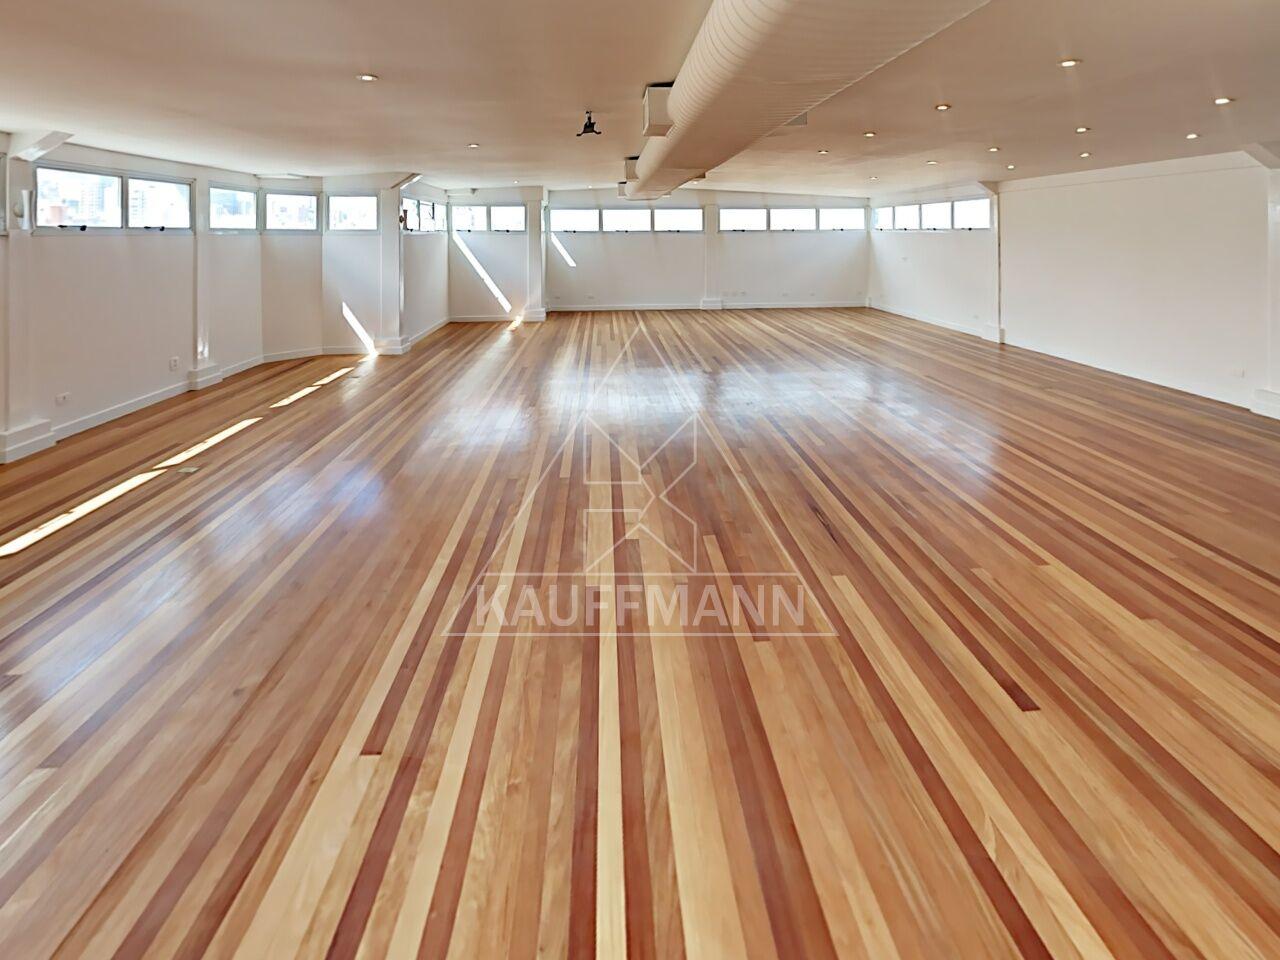 apartamento-venda-sao-paulo-jardim-america-regency-6dormitorios-6suites-7vagas-1099m2-Foto31